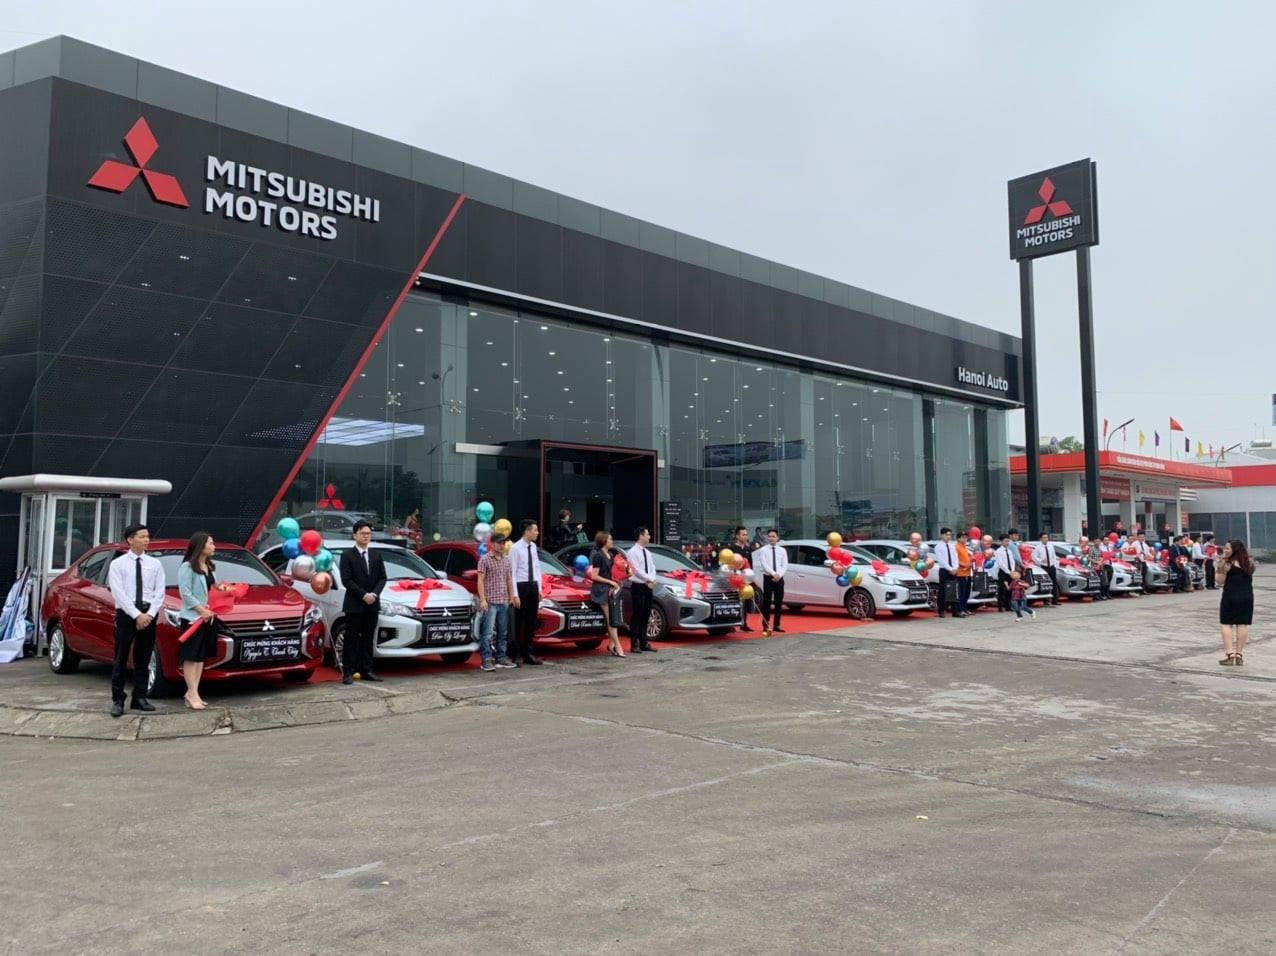 Mitsubishi ưu đãi giá kỷ lục cho 7 dòng xe, quyết bám đuổi Kia: Pajero Sport giảm nhiều nhất gần 70 triệu đồng